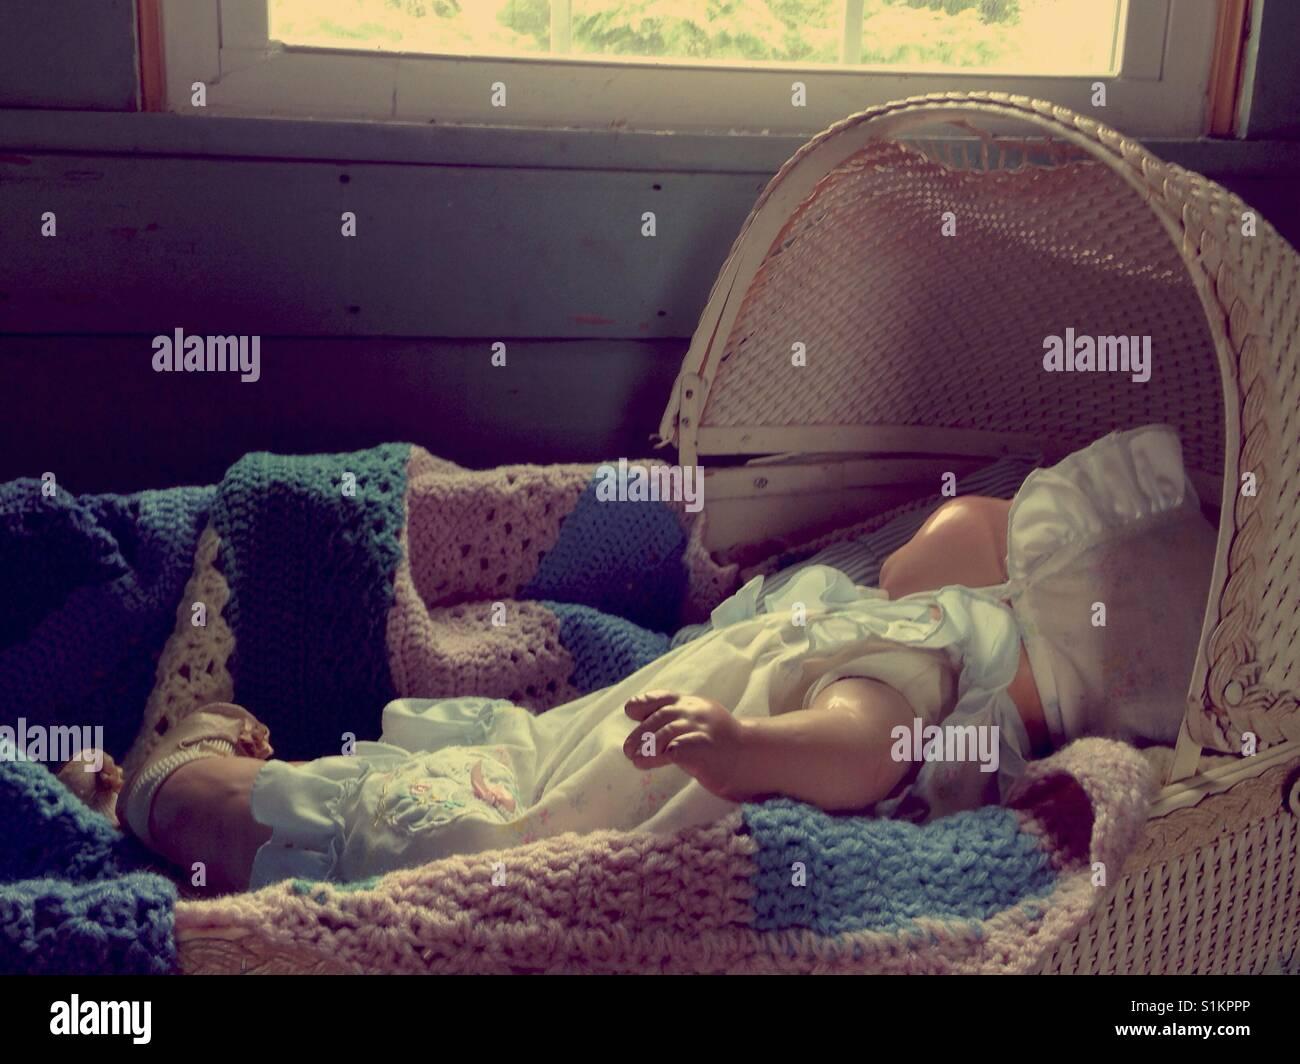 Dont wake das baby! doris die zusammensetzung puppe tragen rüschen